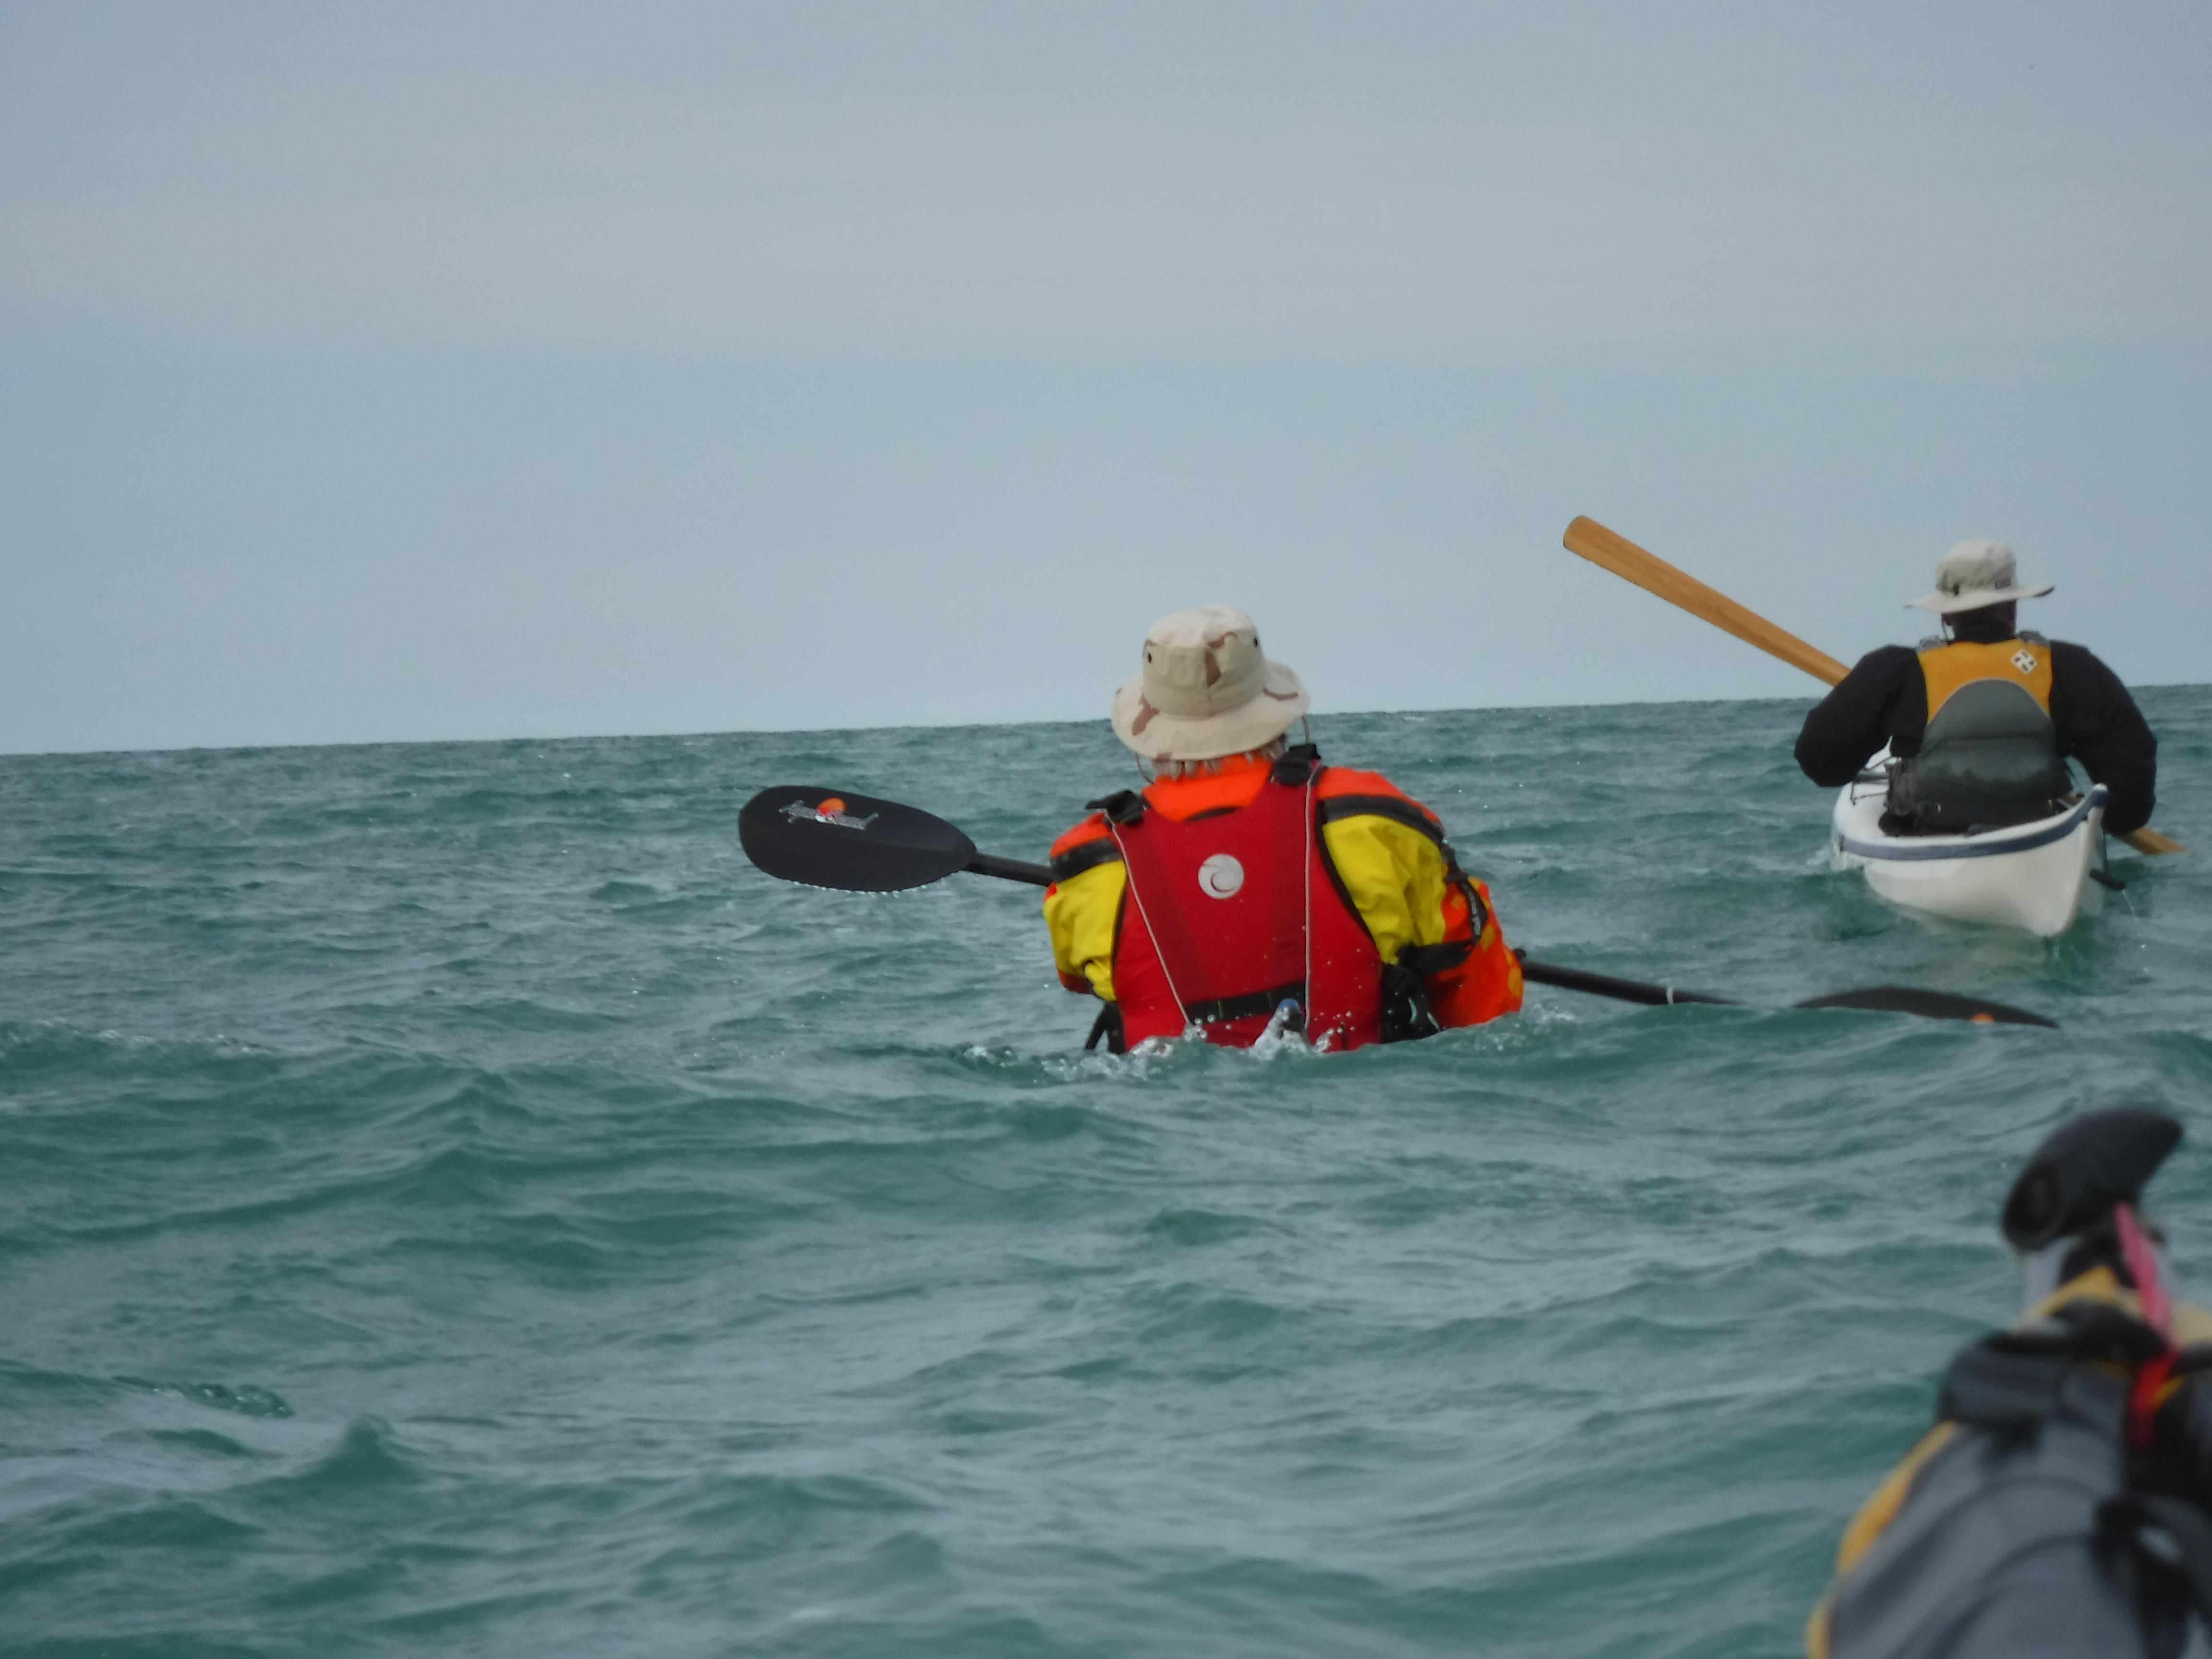 Playful wave action on Lake Michigan seakayaking